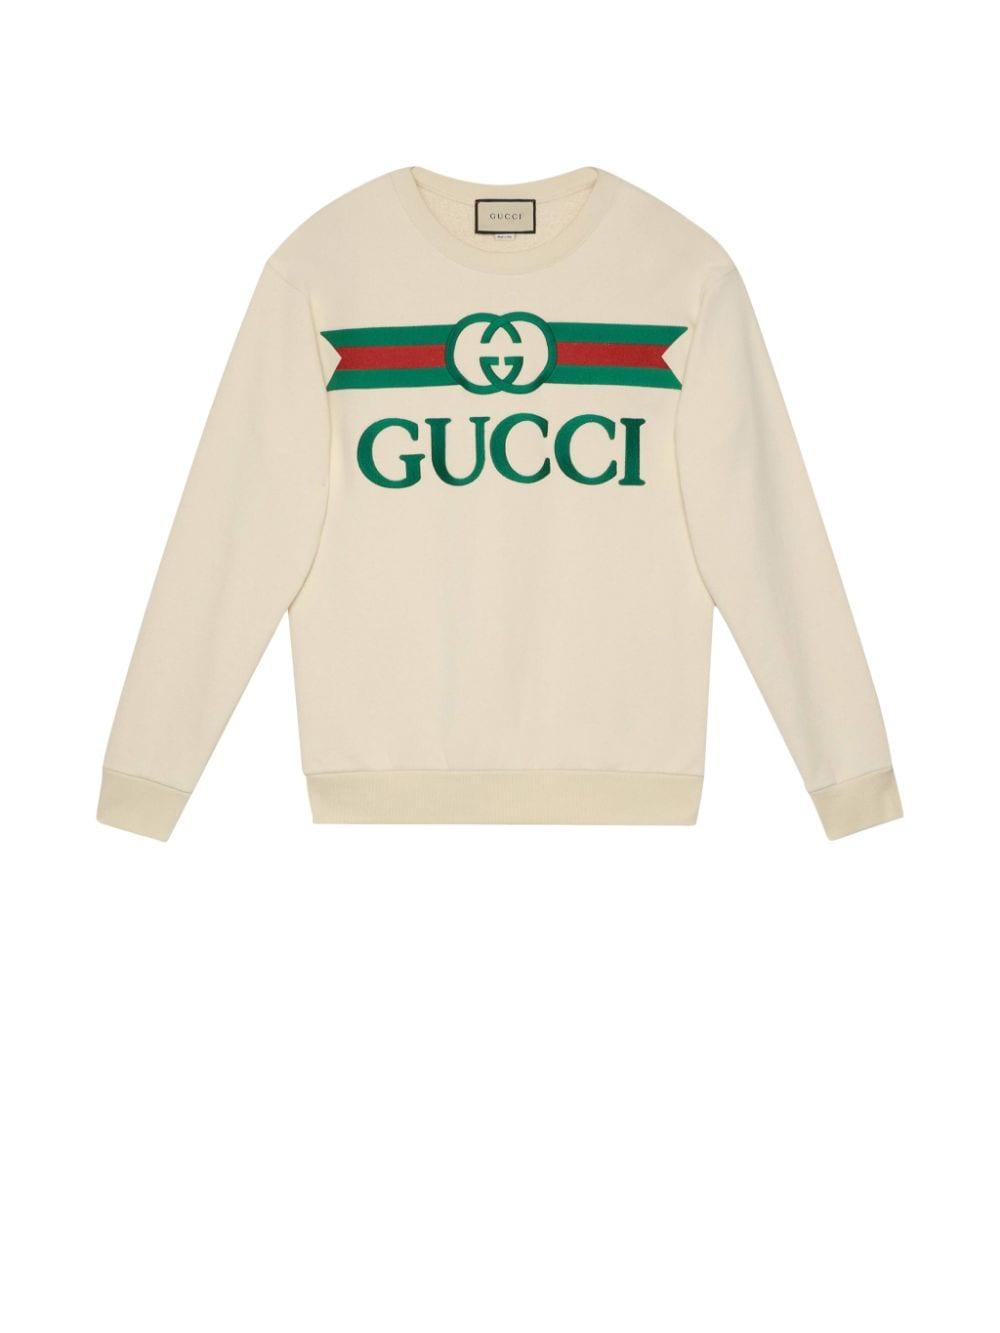 white oversize Gucci sweater GUCCI |  | 469250-XJCCG9230